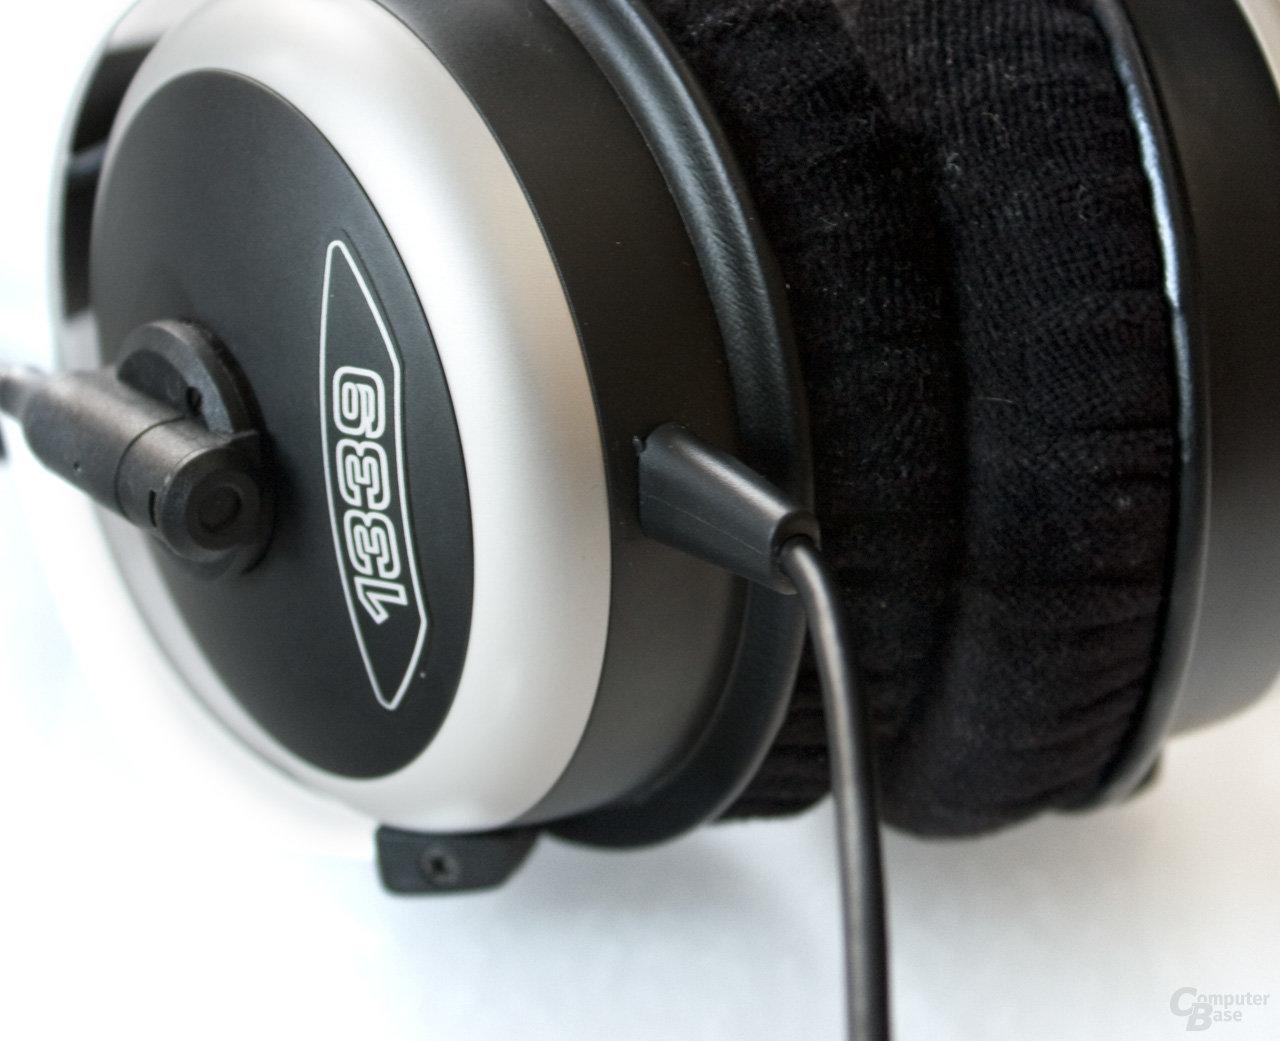 Kabel ist fest mit dem Headset verbunden